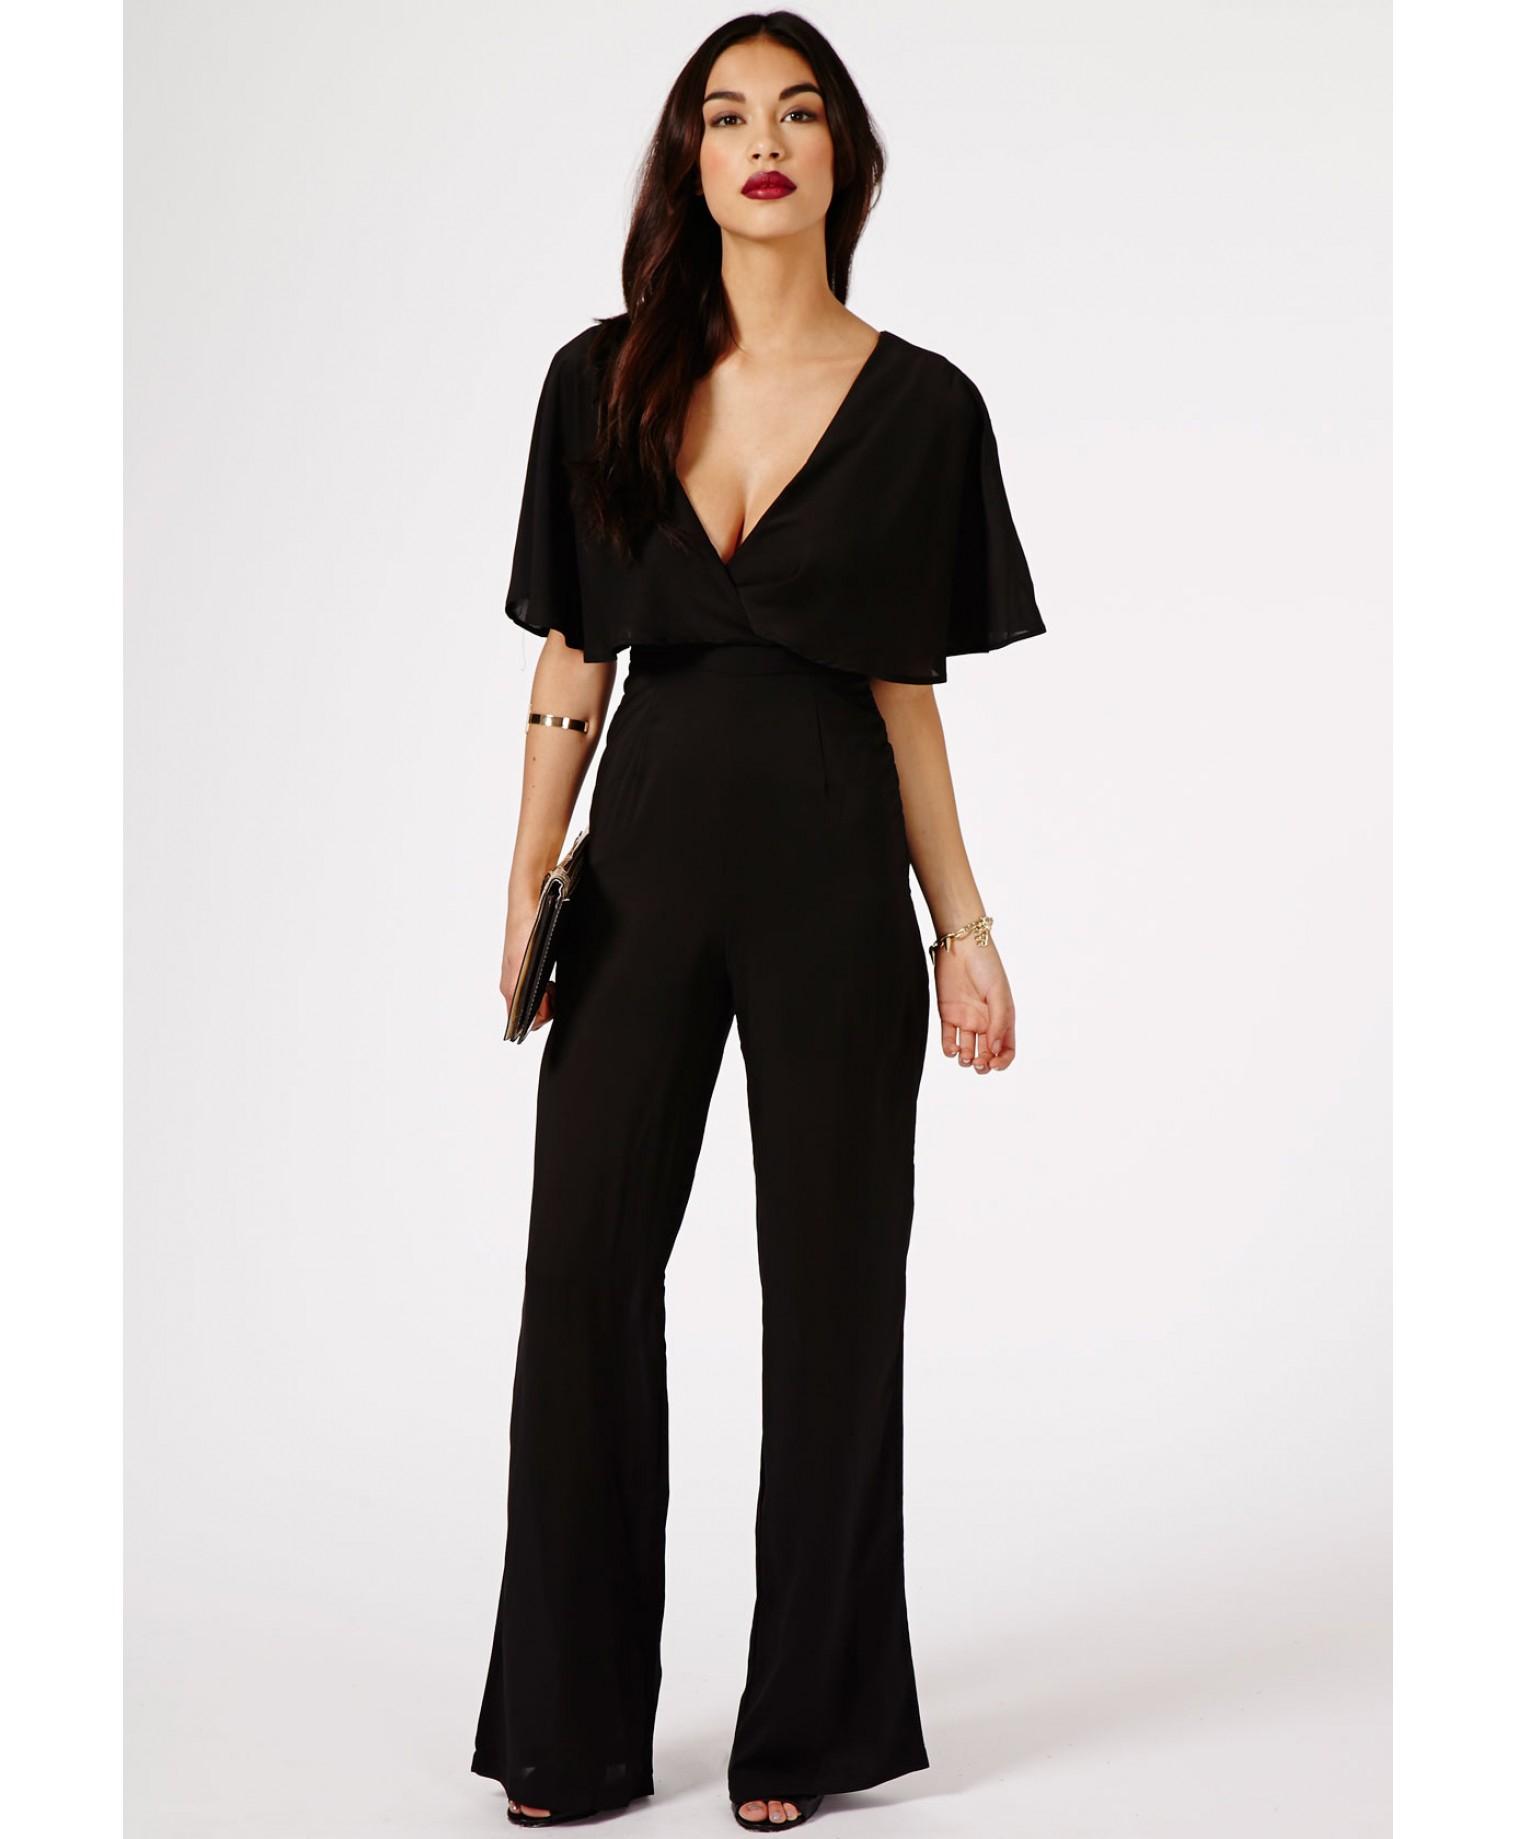 8d3e6c38416d8 Lyst - Missguided Sunita Caped Cross Back Jumpsuit in Black in Black